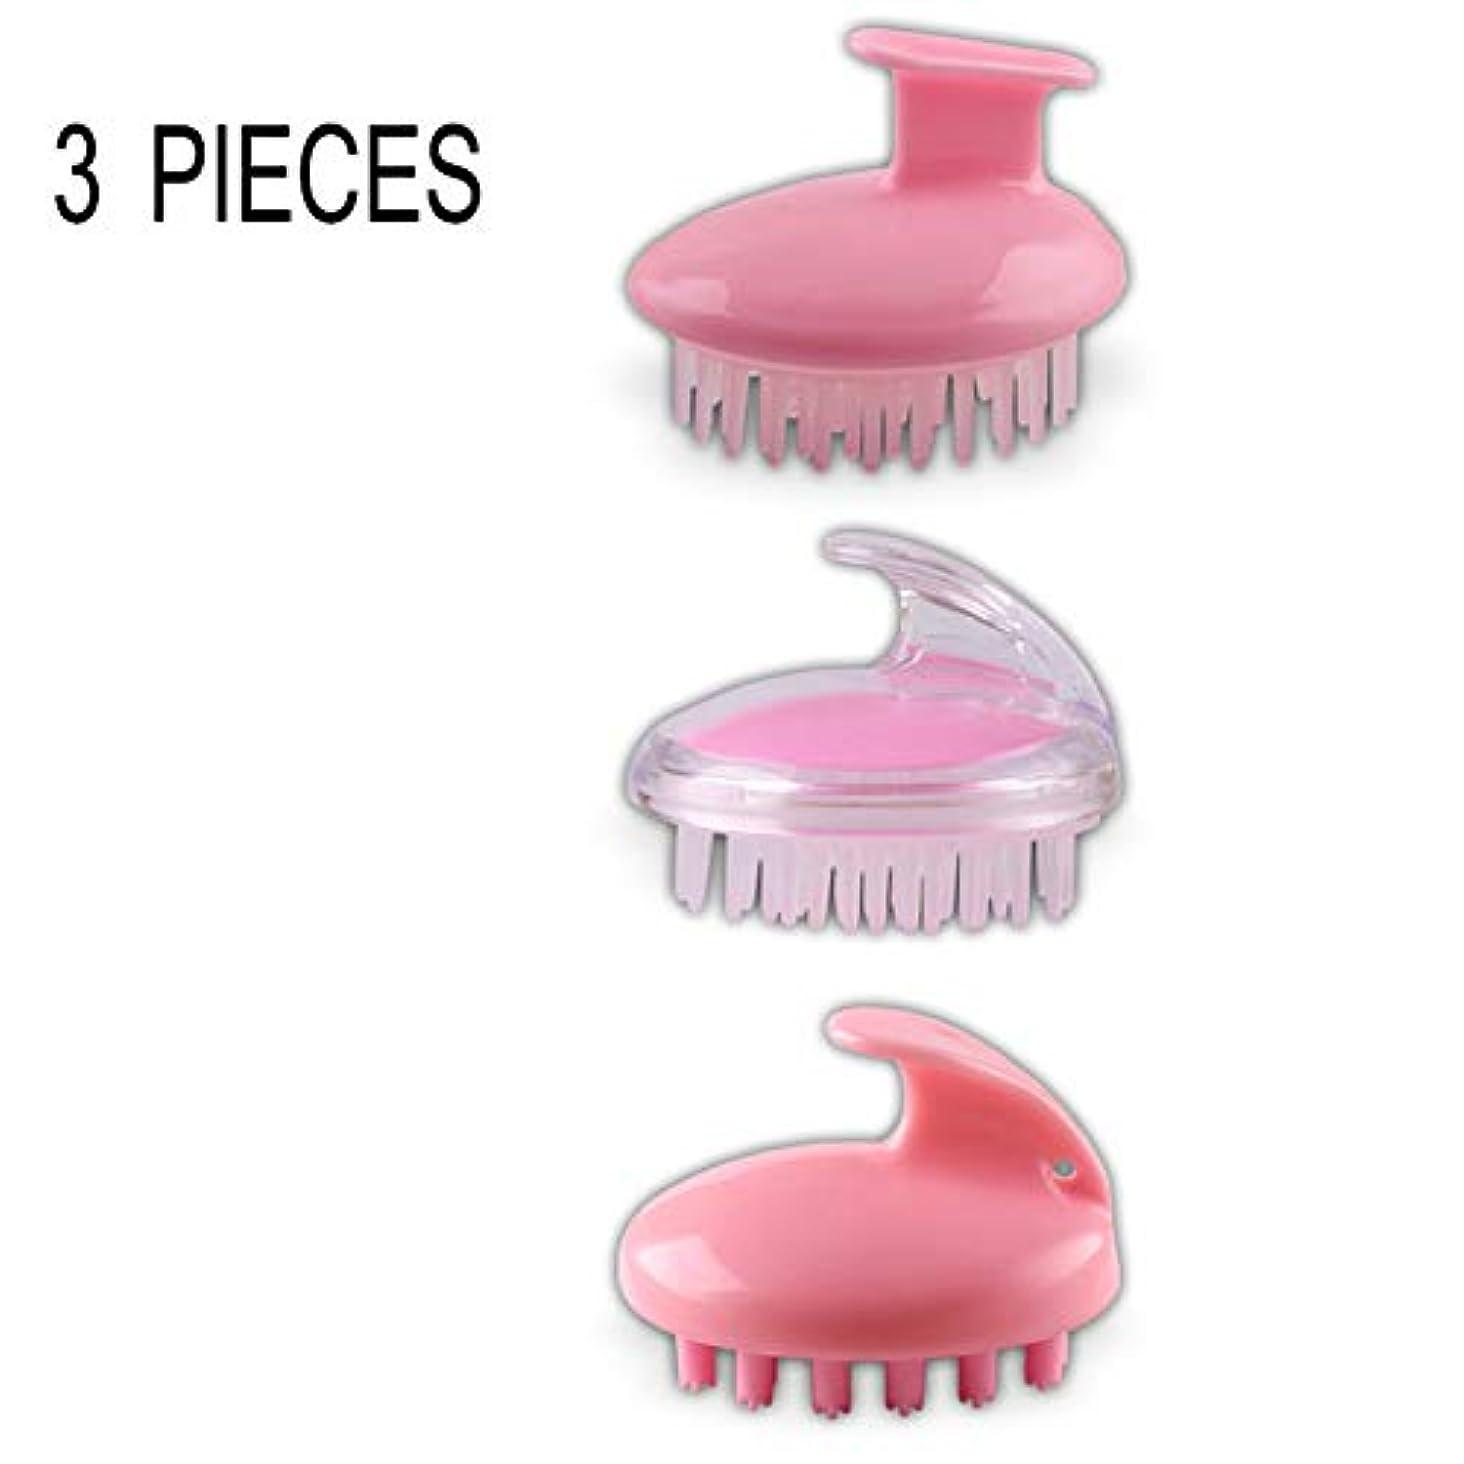 できれば安全なくすぐったいヘアブラシシリコーンスパシャンプーブラシシャワー風呂櫛ヘアブラシ小道具ソフトスタイリングツール用キッズ女性男性3ピース